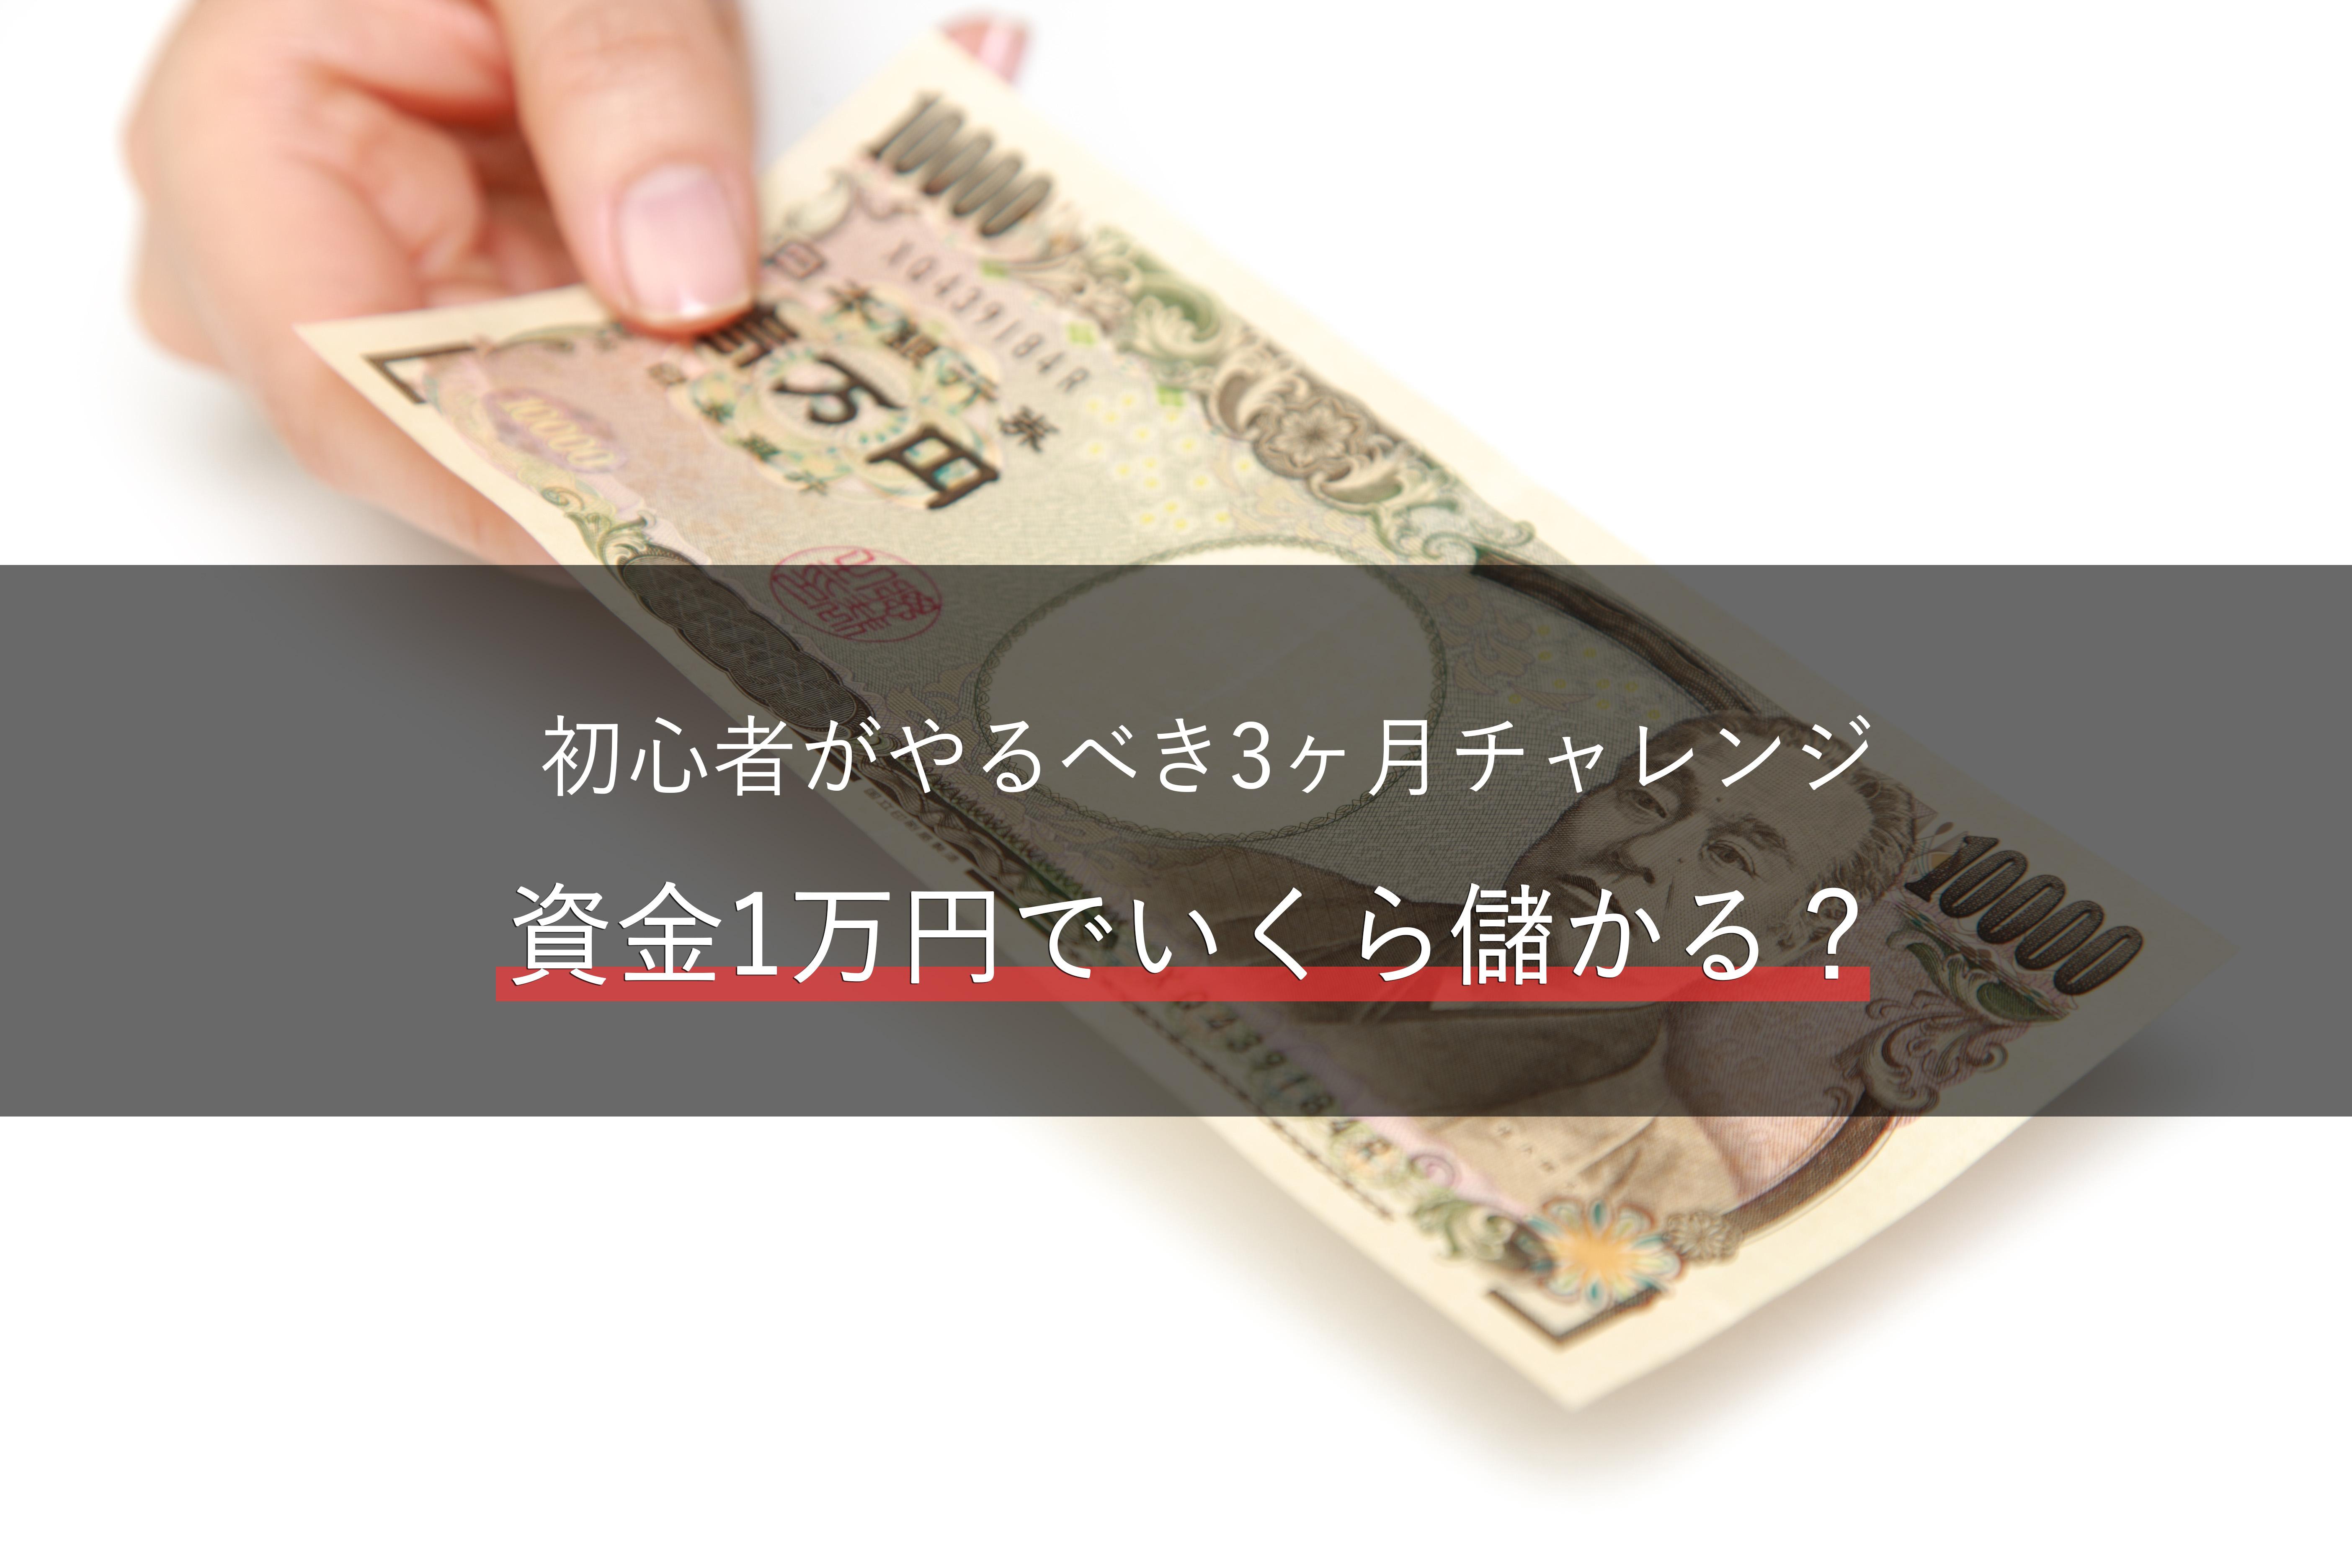 いくら 1 ドル は